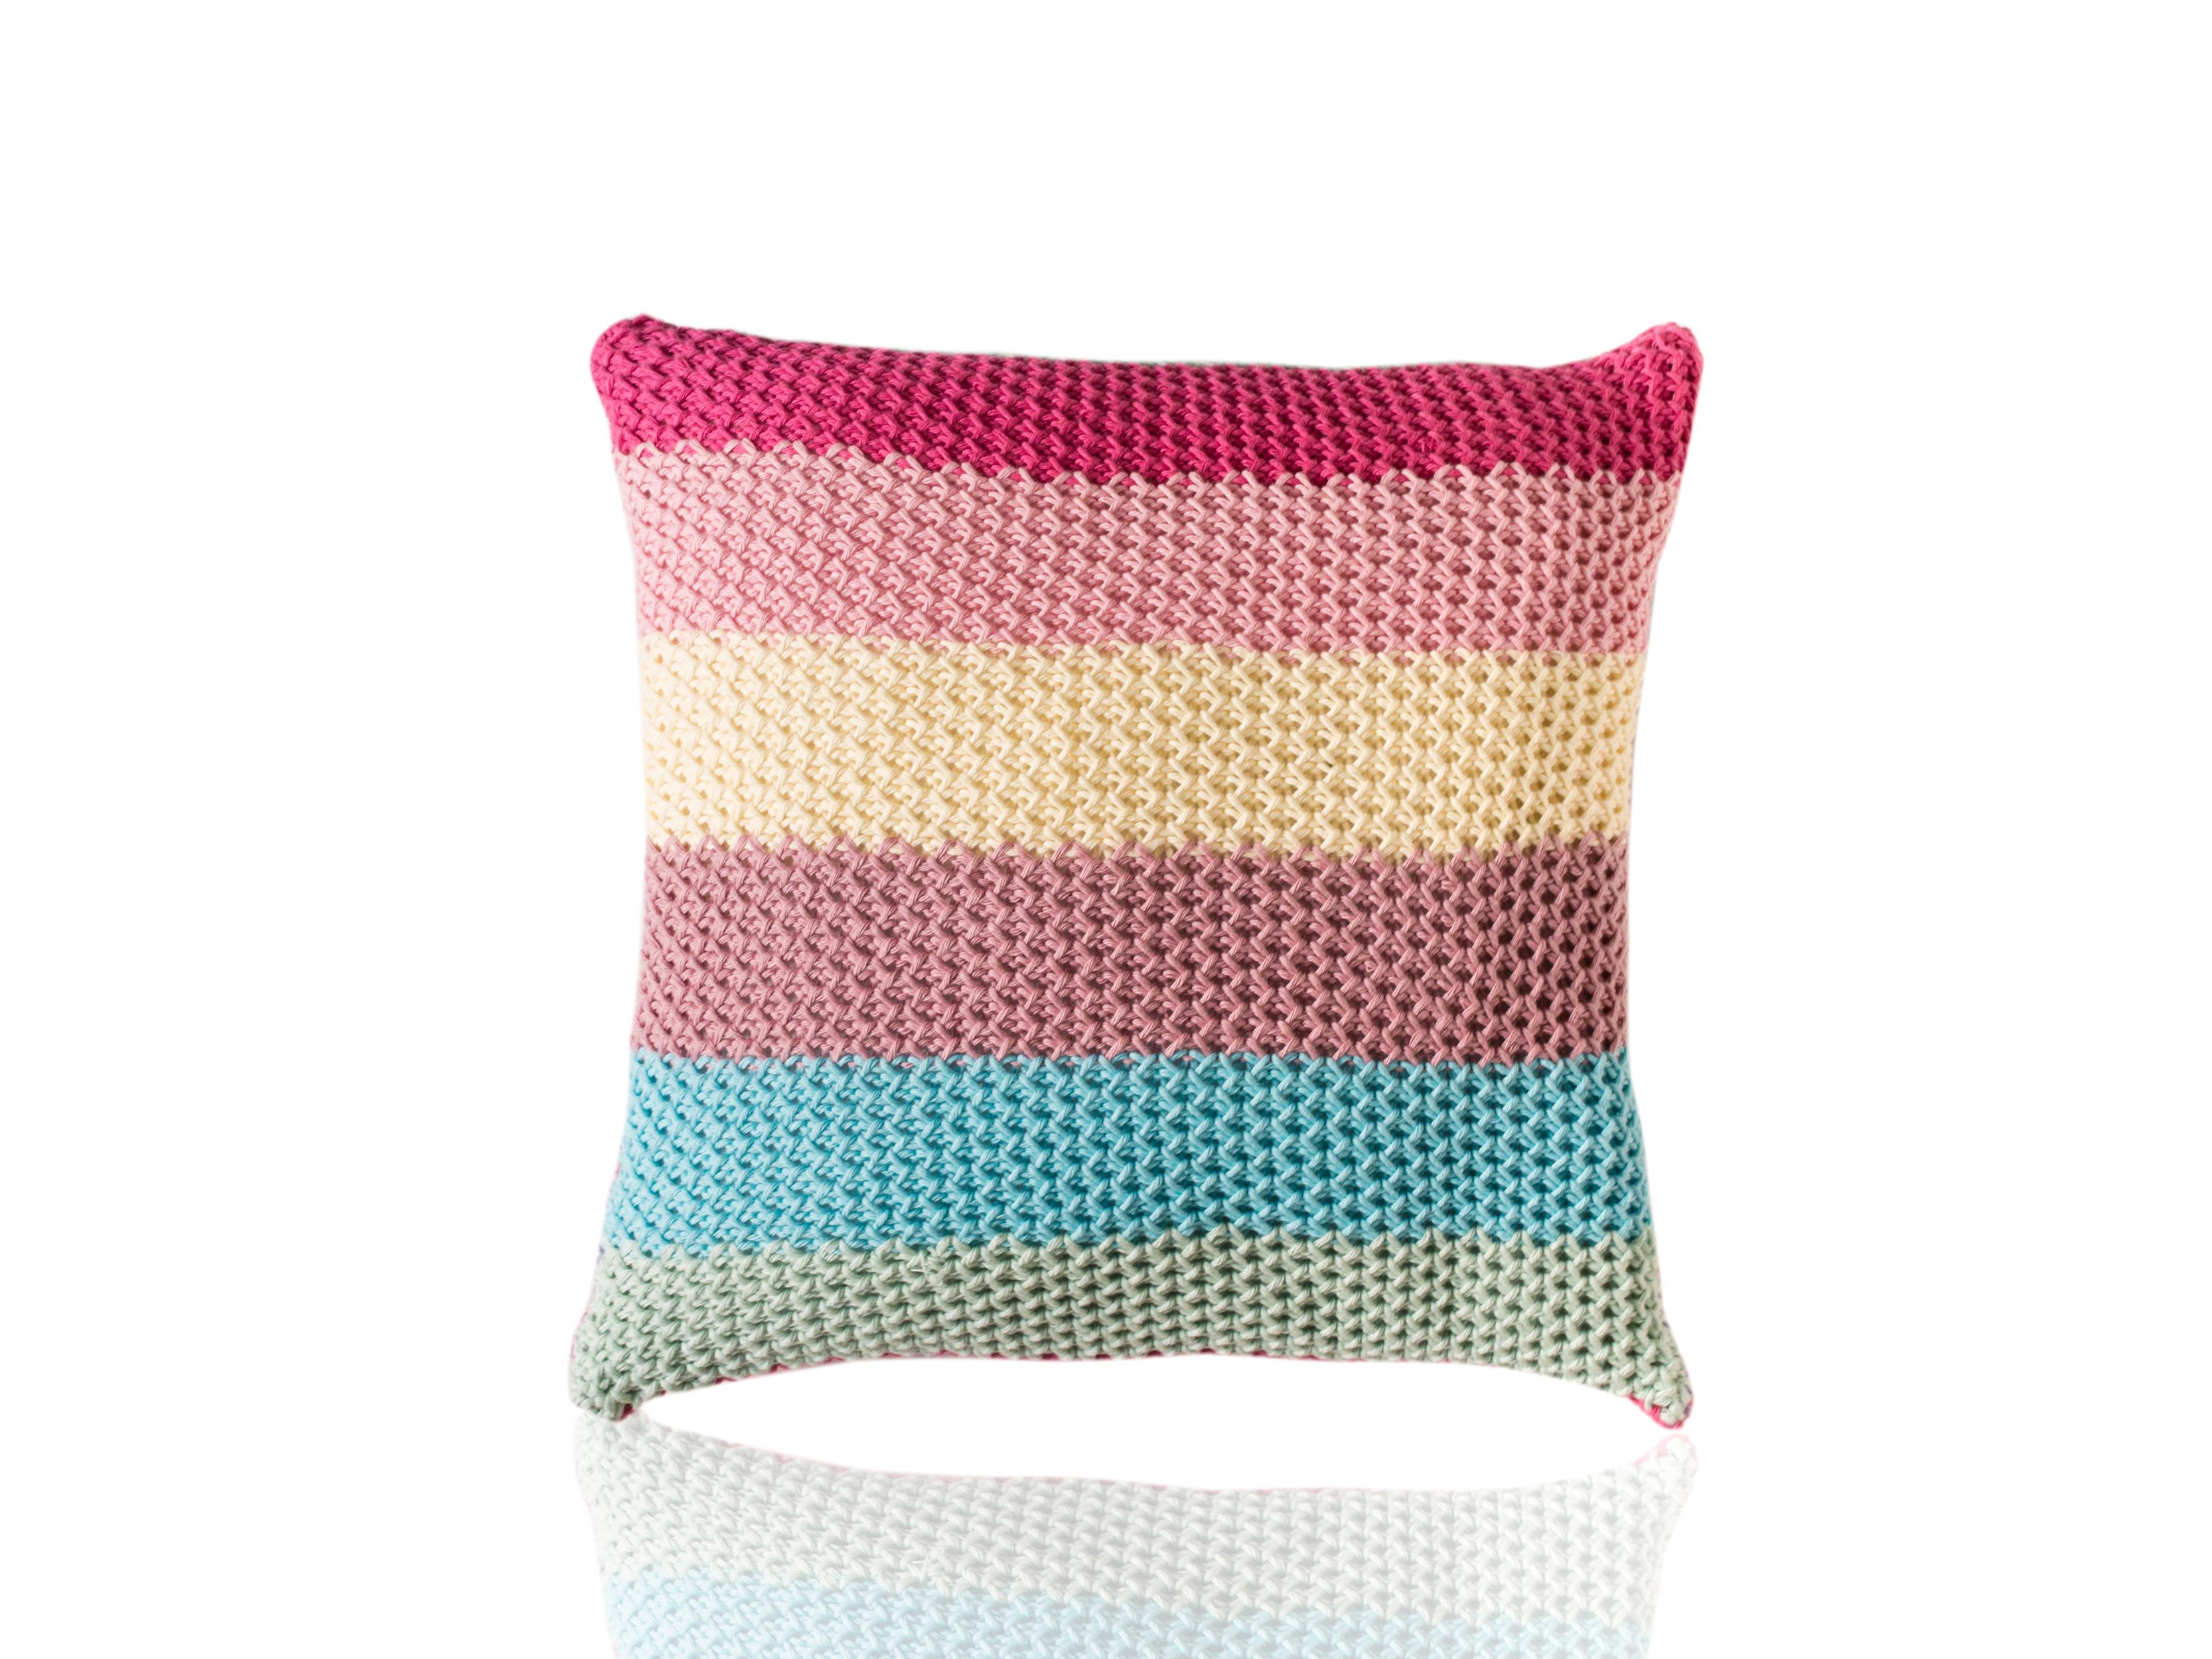 Подушка DoceКвадратные подушки и наволочки<br>Doce - вязаная диванная подушка ручной работы - сделана из высококачественных материалов в Барселоне, Испания. Яркая, мягкая и красивая, эта вещь добавит комфорта и уюта любому домашнему декору.&amp;amp;nbsp;&amp;lt;div&amp;gt;&amp;lt;br&amp;gt;&amp;lt;/div&amp;gt;&amp;lt;div&amp;gt;Состав наволочки: 100% хлопок&amp;amp;nbsp;&amp;lt;/div&amp;gt;&amp;lt;div&amp;gt;Наполнитель (вынимающаяся подушка): 100% полиэстер&amp;amp;nbsp;&amp;lt;/div&amp;gt;<br><br>Material: Хлопок<br>Width см: 40<br>Depth см: 10<br>Height см: 40